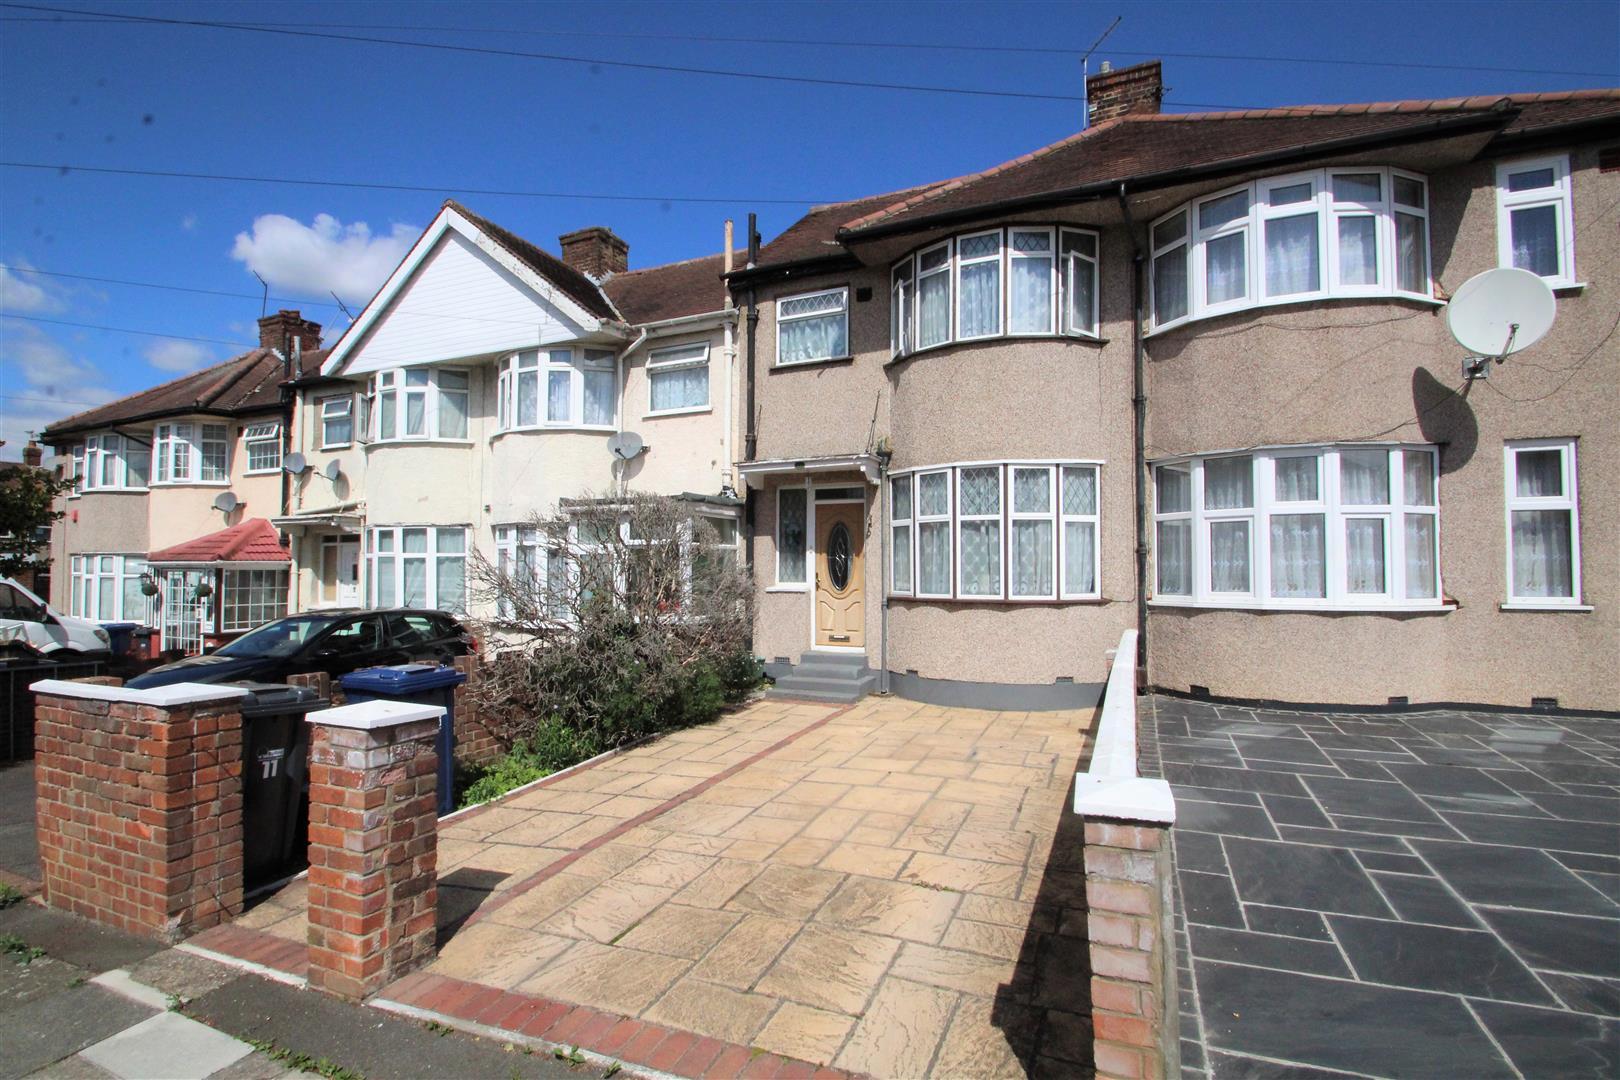 House - Mid Terrace